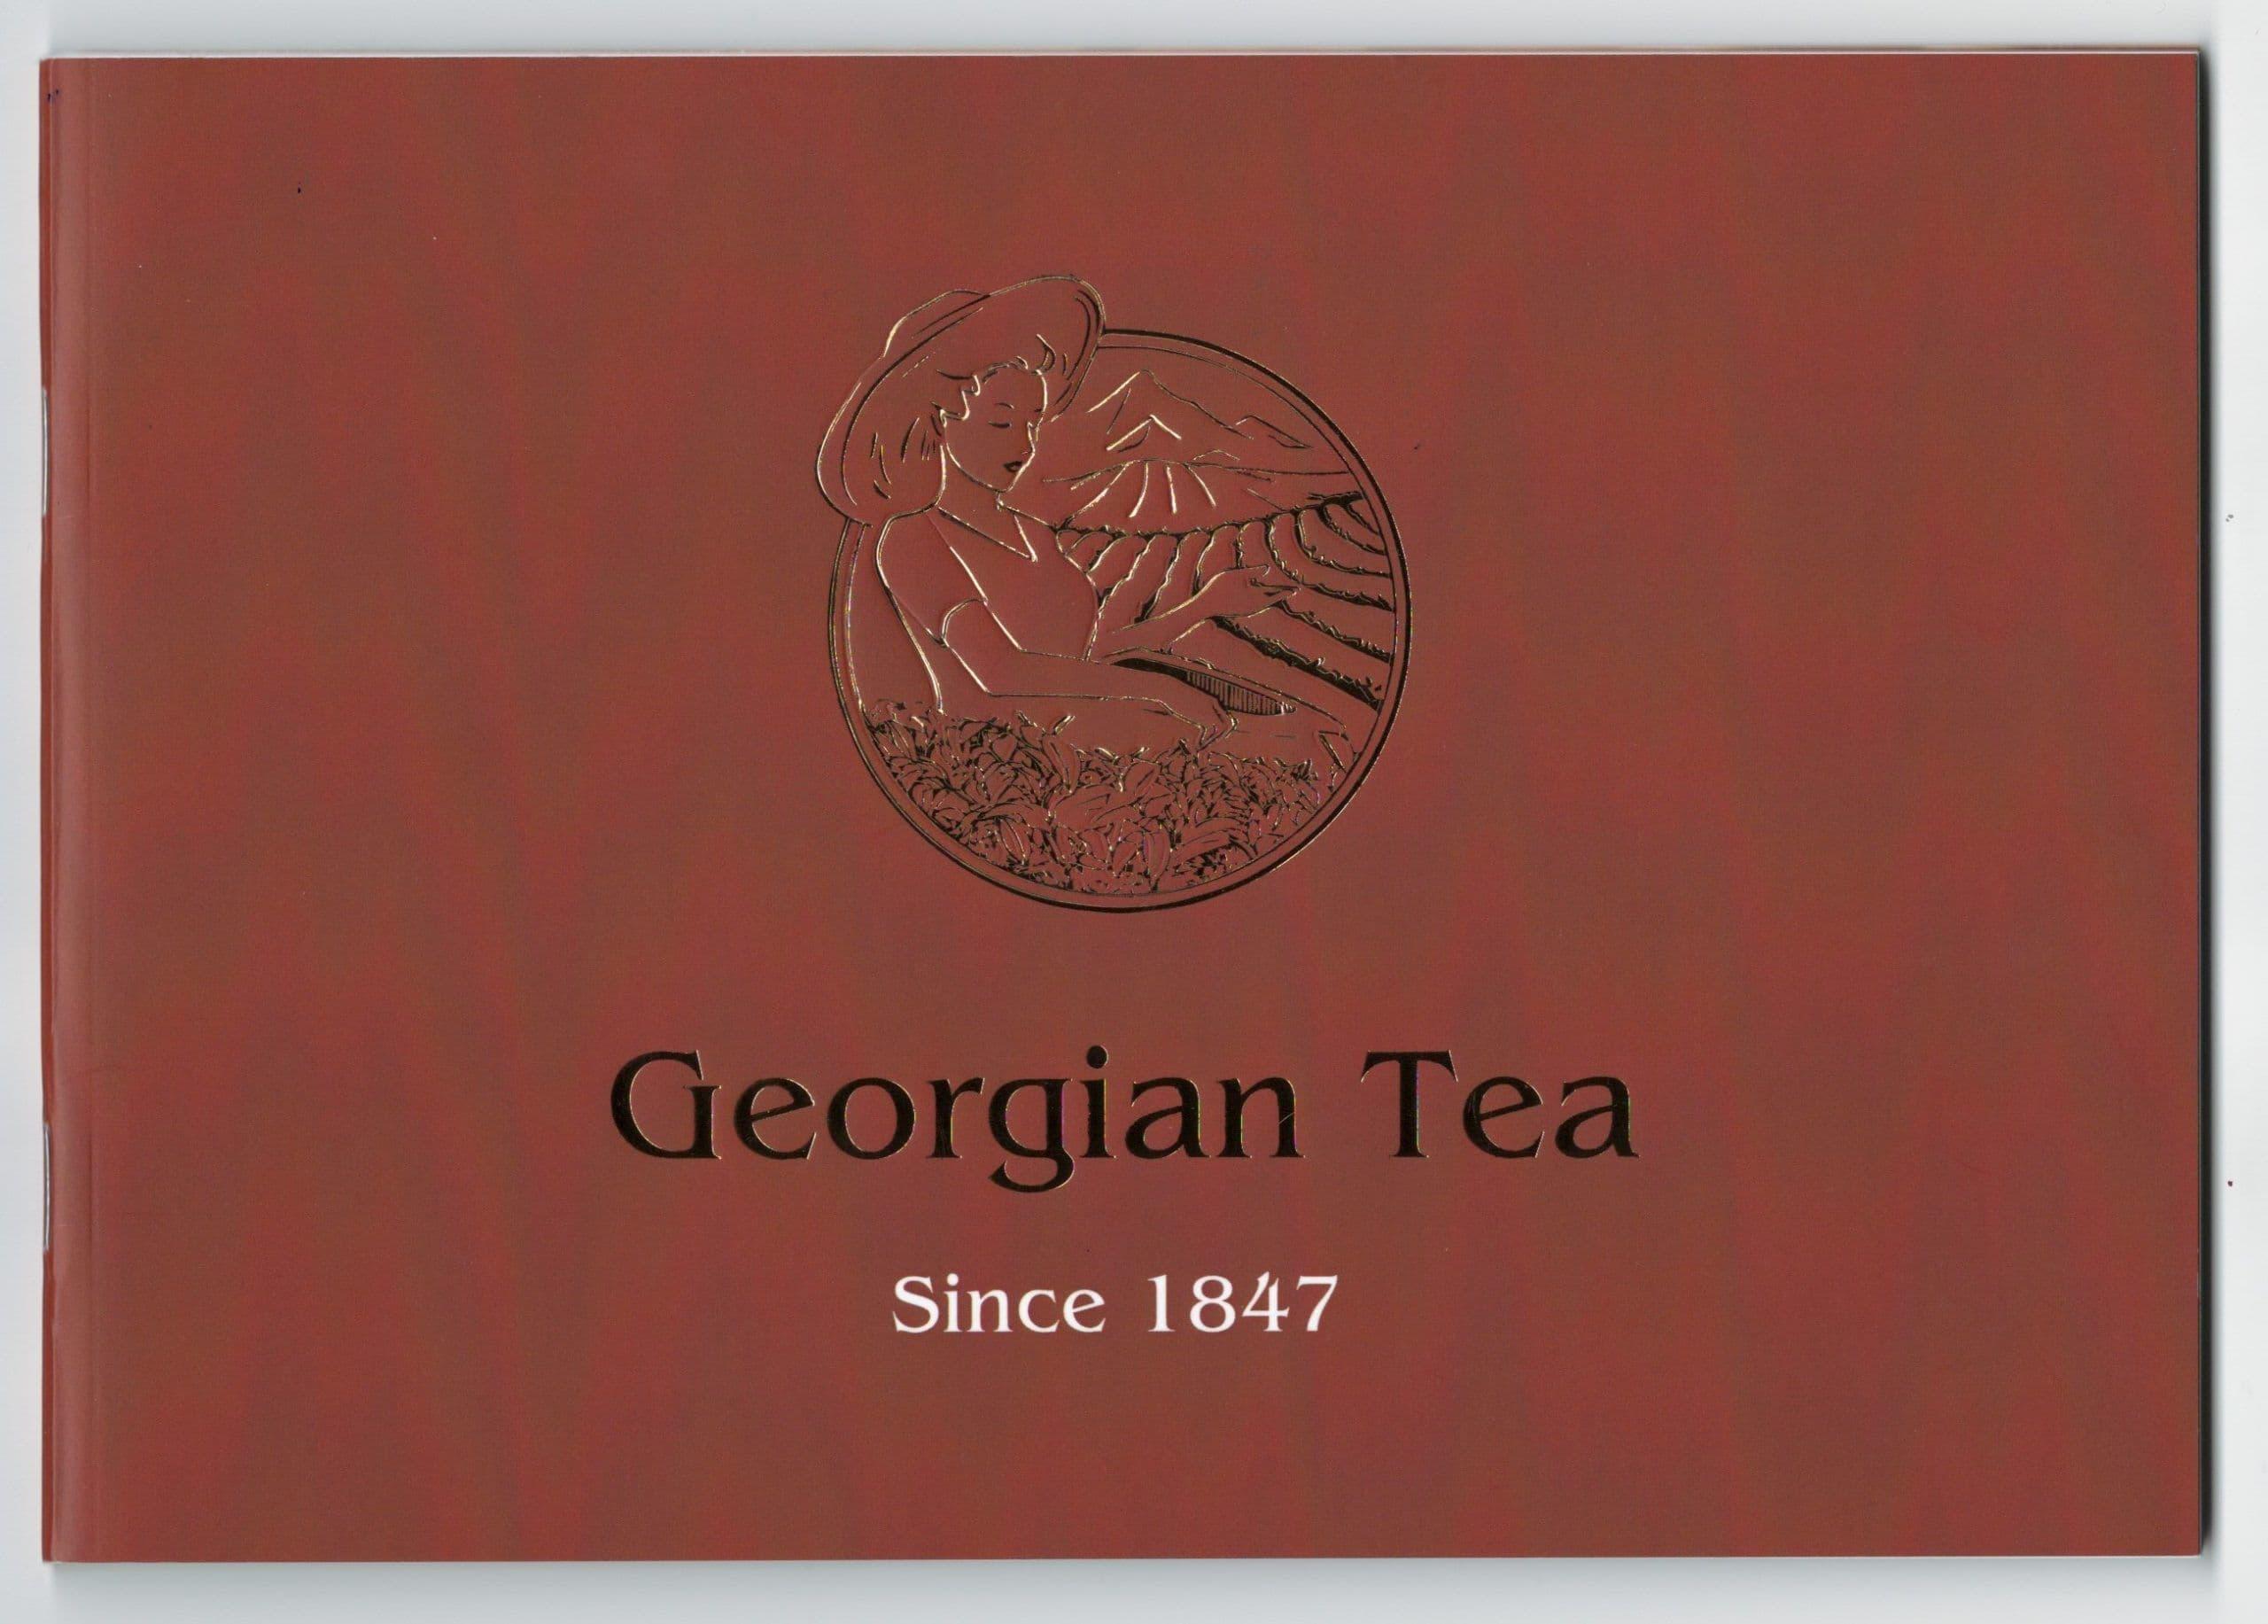 Georgian Tea since 1847